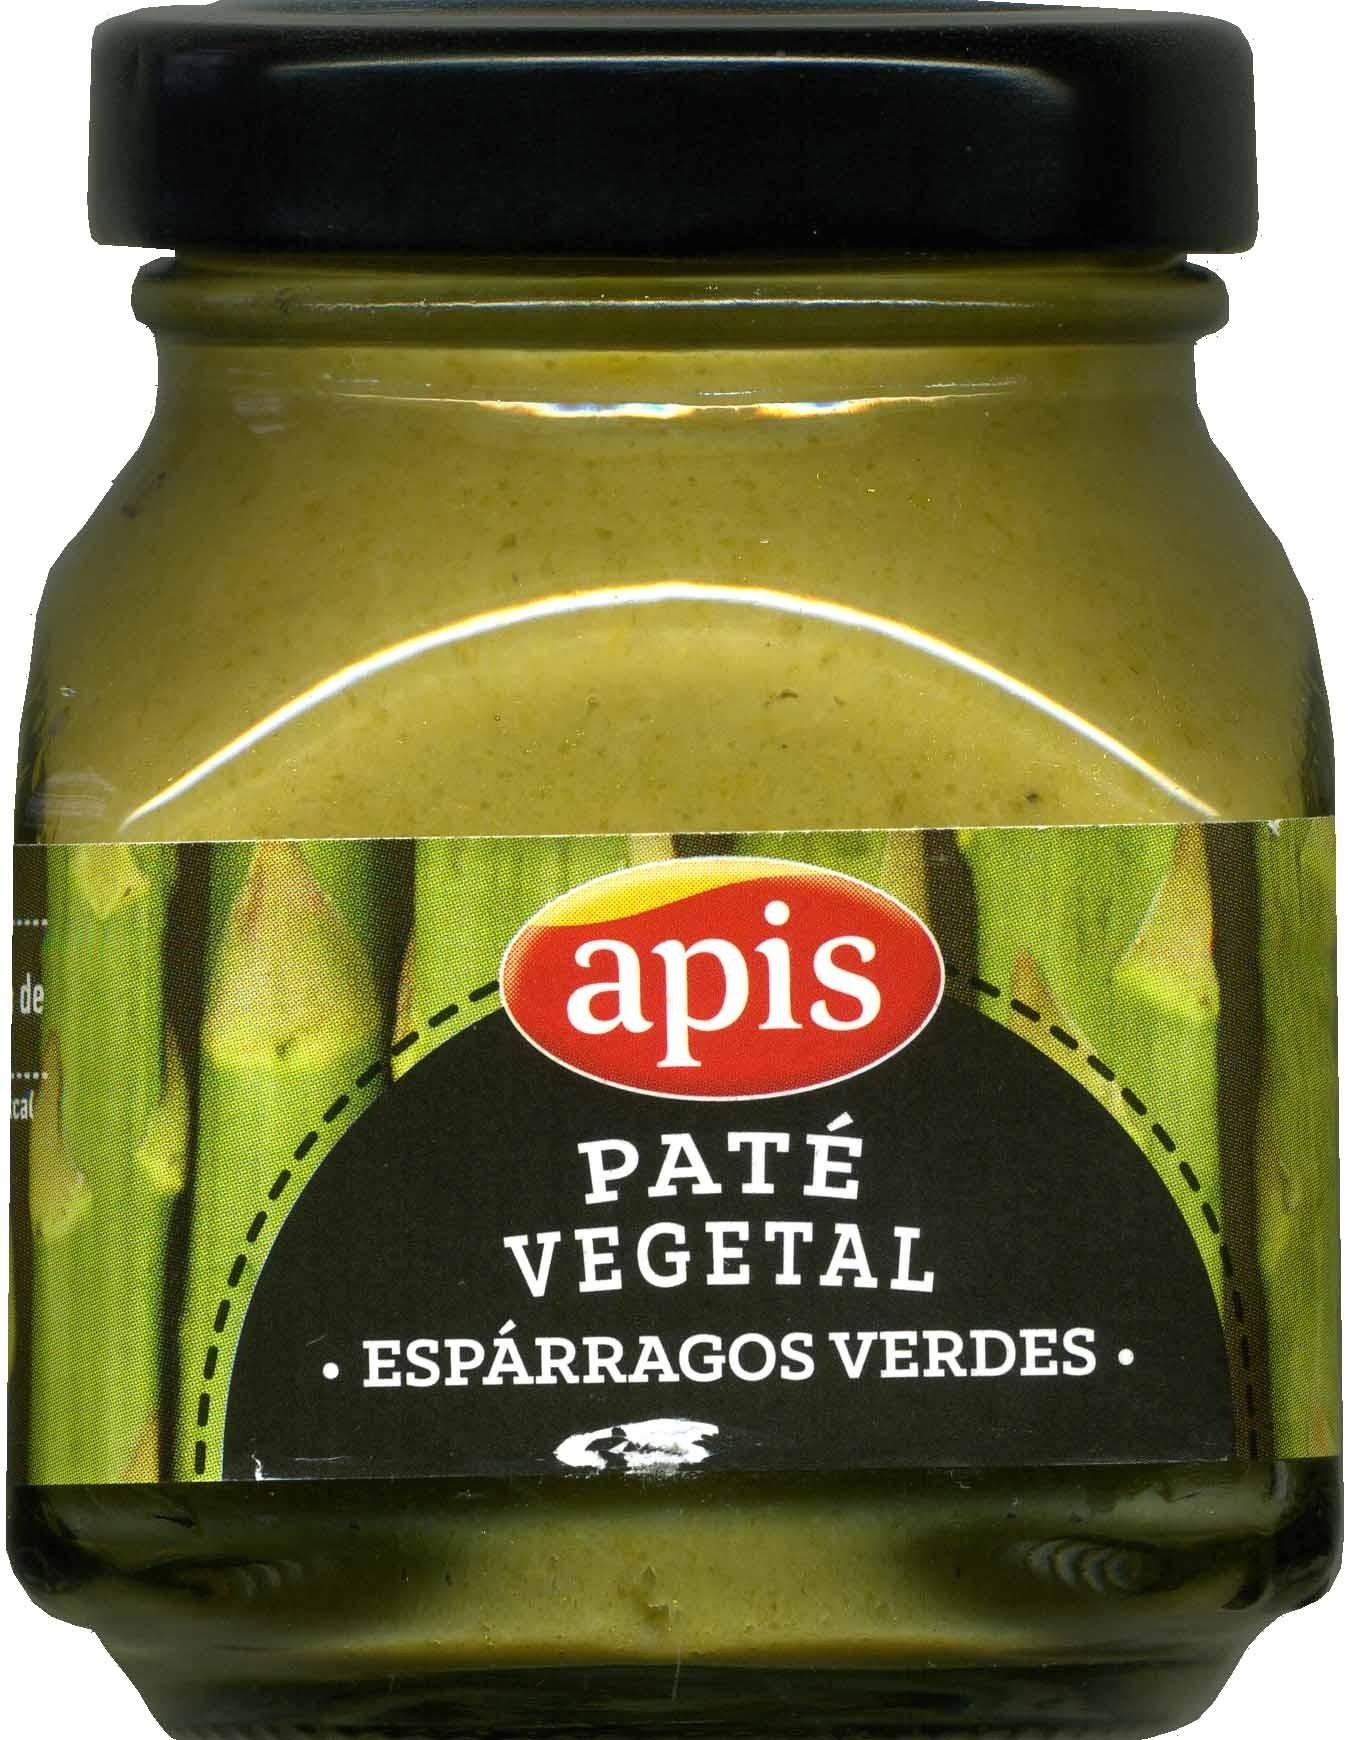 Paté vegetal de espárragos verdes - Produit